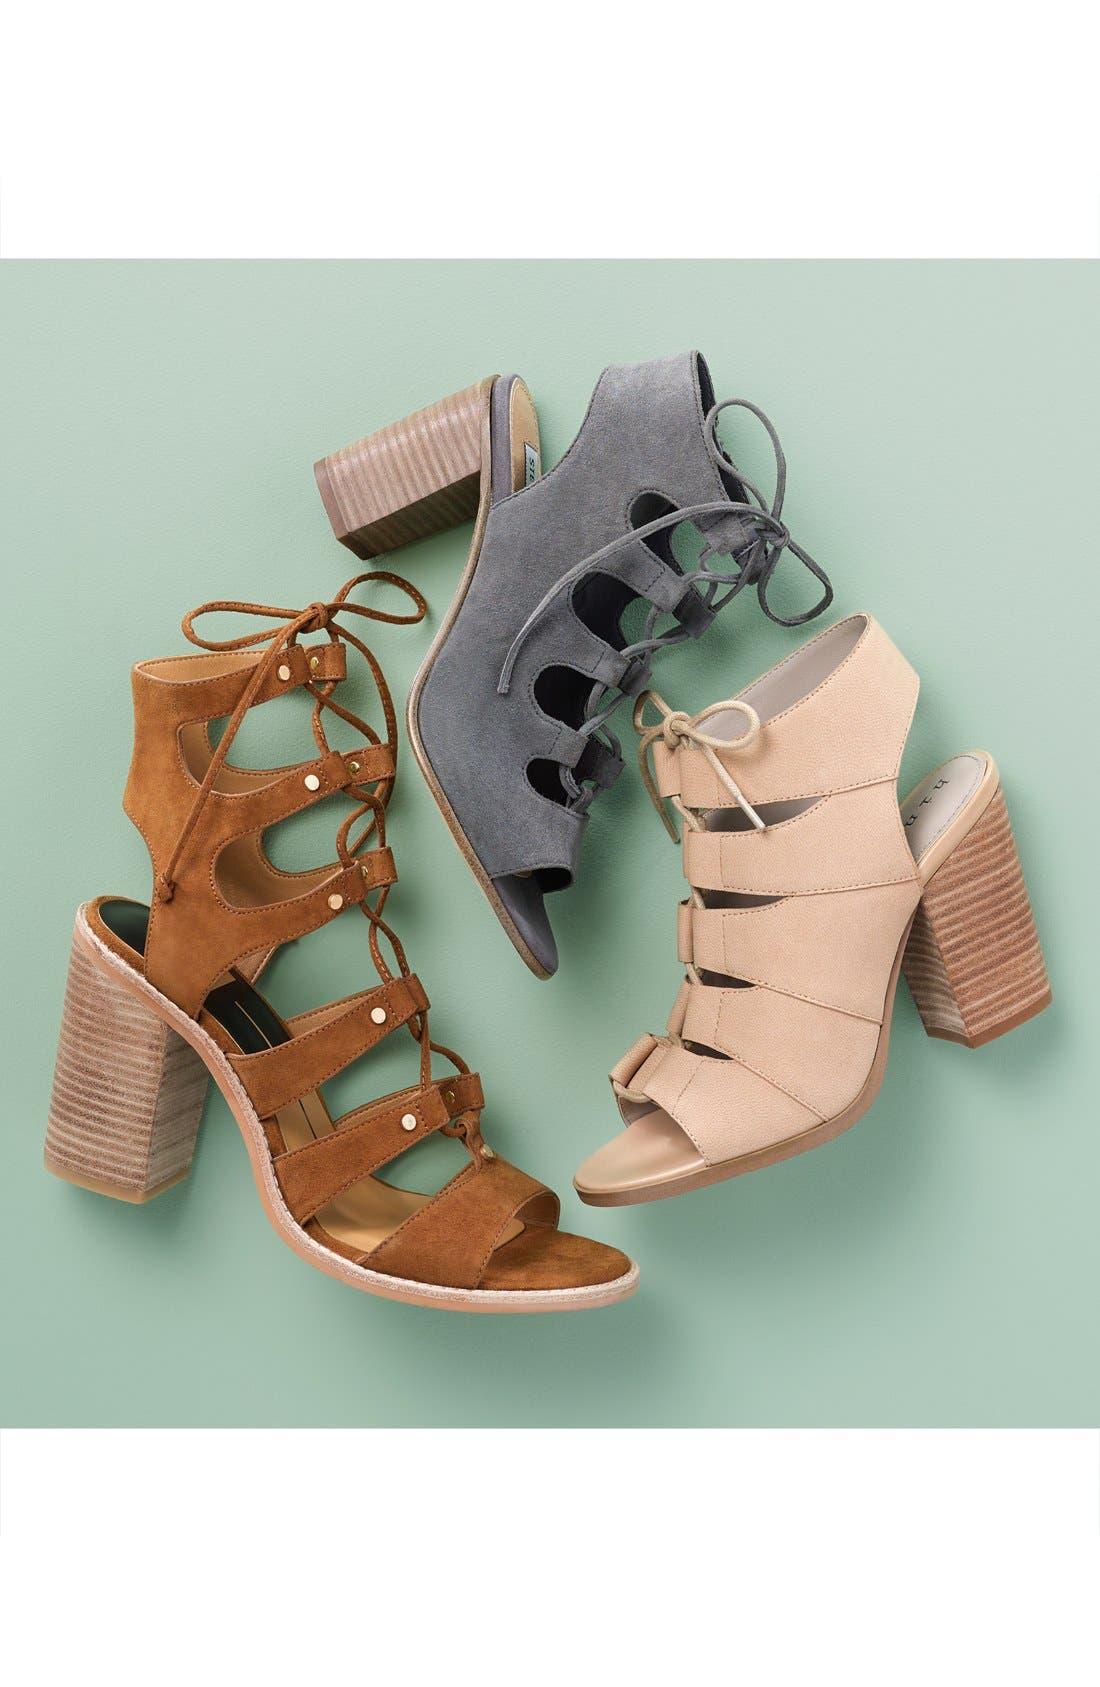 HINGE, 'Drea' Peep Toe Leather Sandal, Main thumbnail 1, color, 002